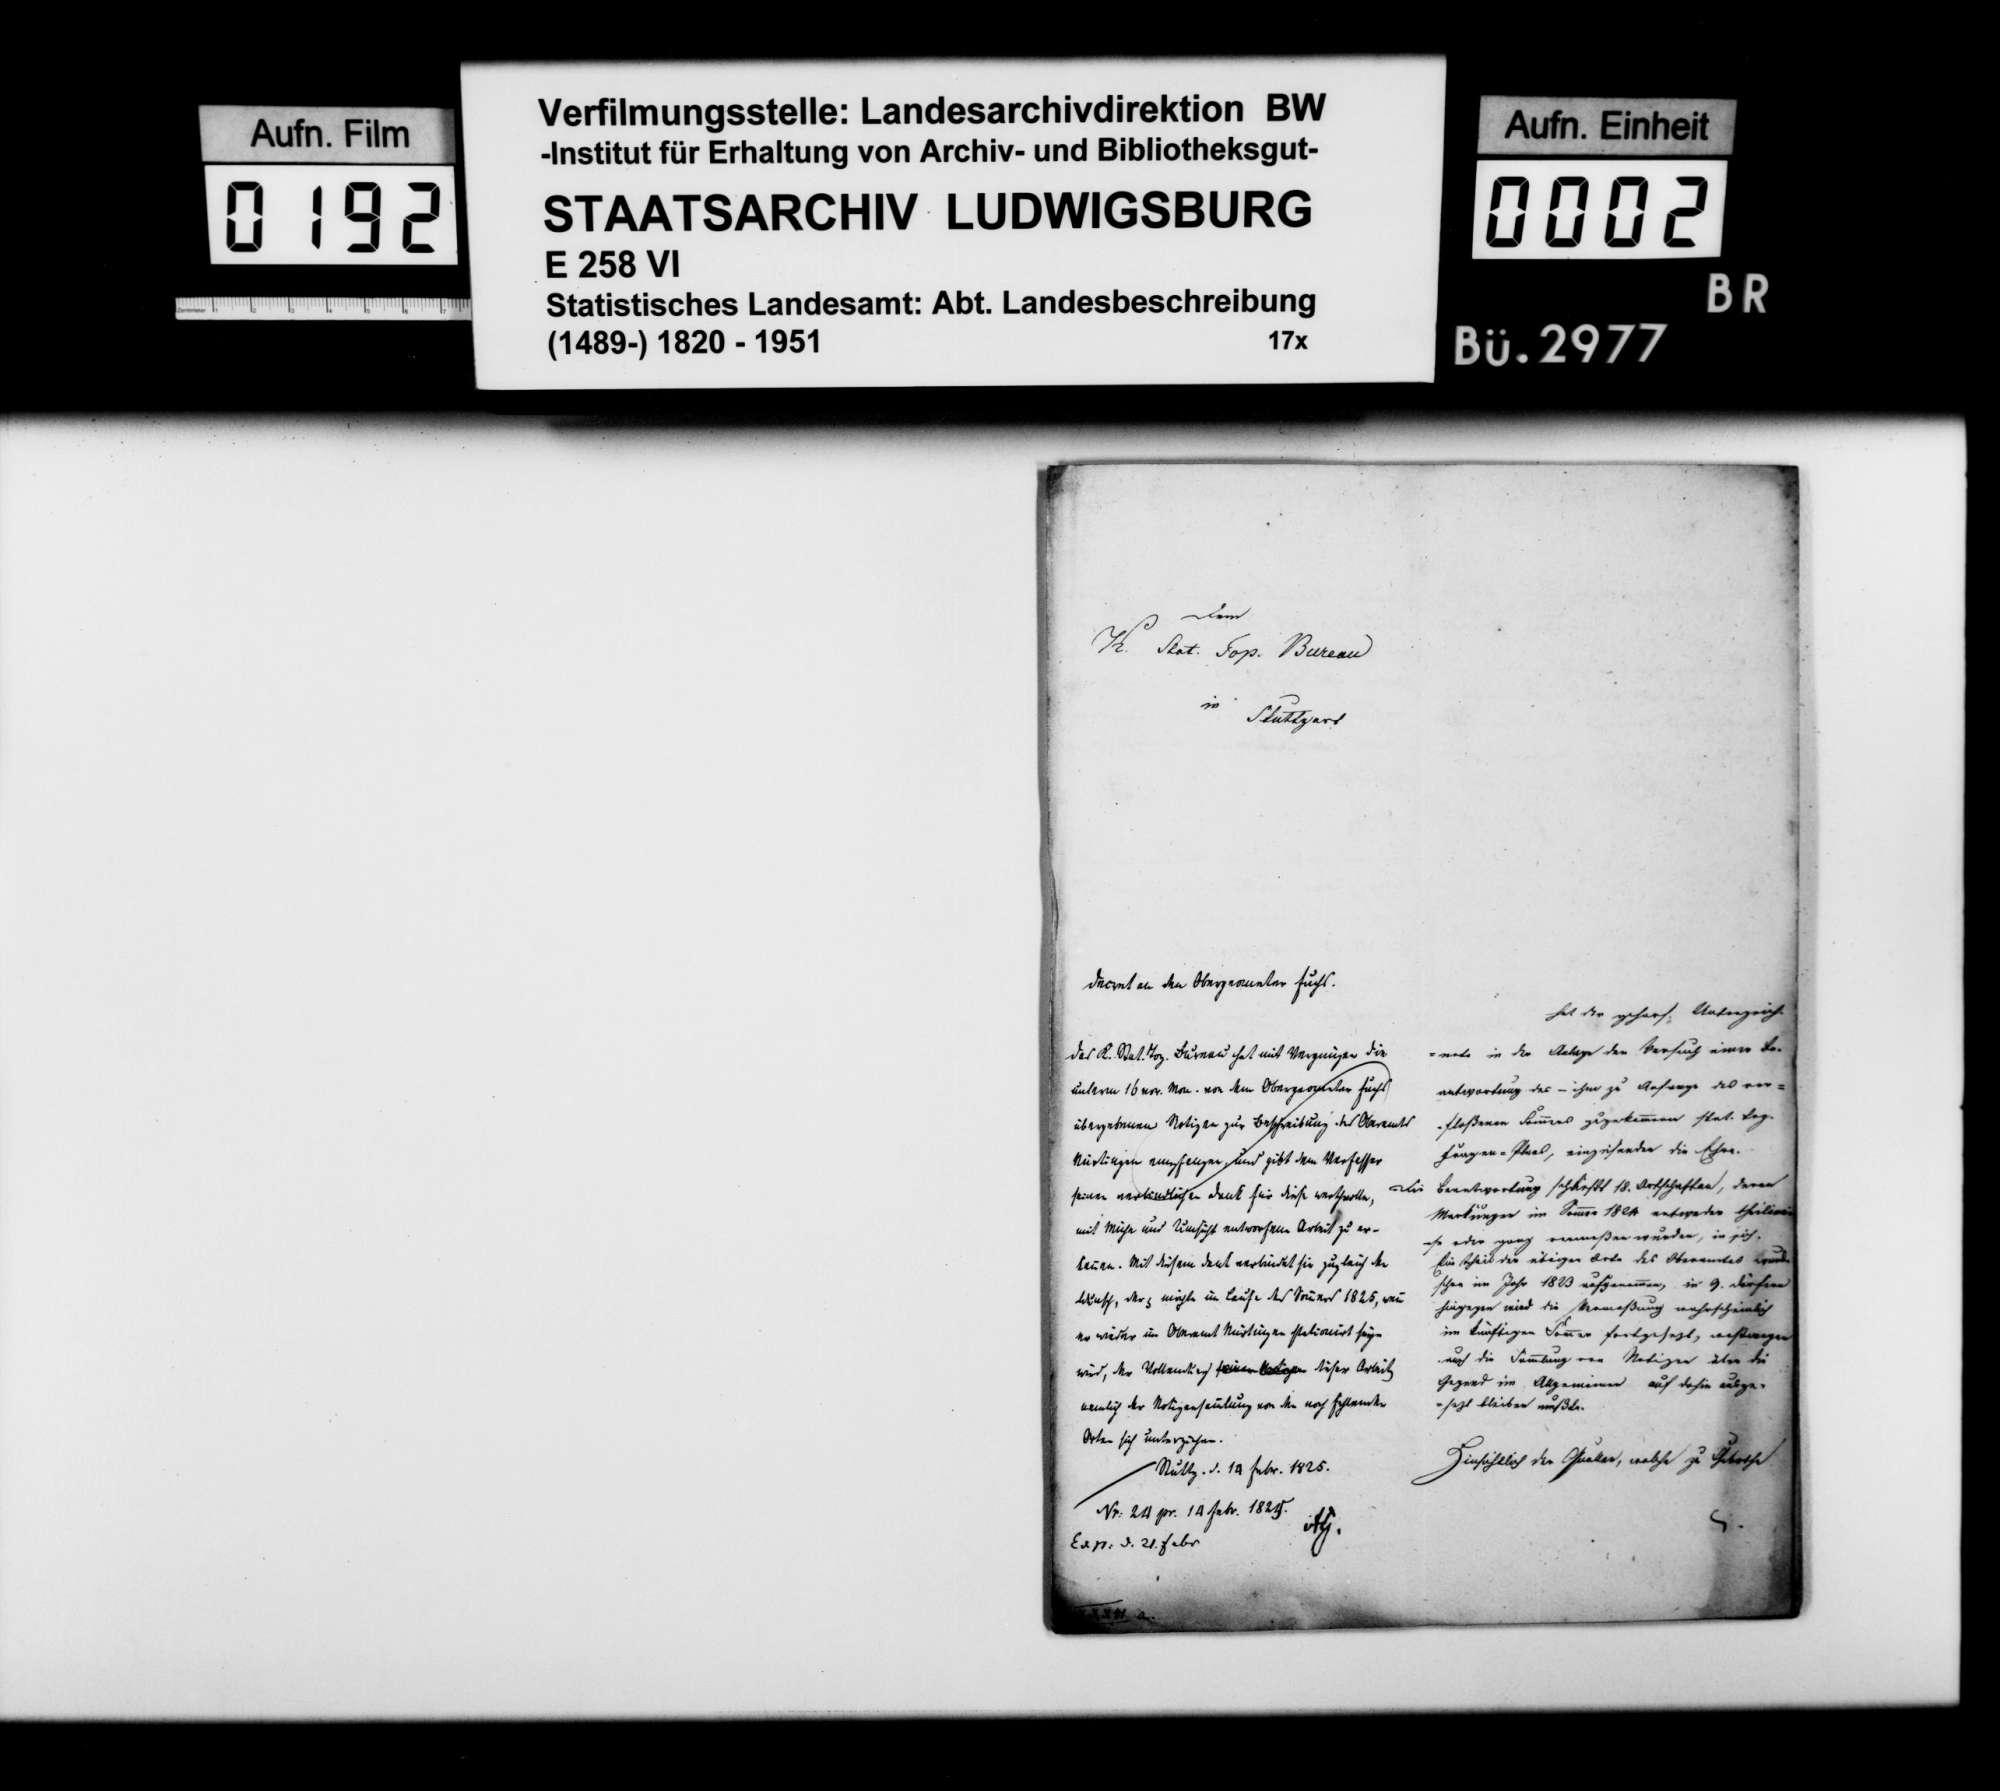 Ortsbeschreibung von 1. Raidwangen, 2. Oberensingen, 3. Hardt, 4. Zizishausen, 5. Oberboihingen, 6. Tachenhausen, 7. Reudern, 8. Frickenhausen, 9. Großbettlingen, 10. Grafenberg, 11. Altdorf, 12. Neckarhausen, 13. Wolfschlugen, [14.] Grötzingen, durch Obergeometer Fuchs, nach dem Fragenkatalog des STBs (wie folgend bei Aich), Bild 1